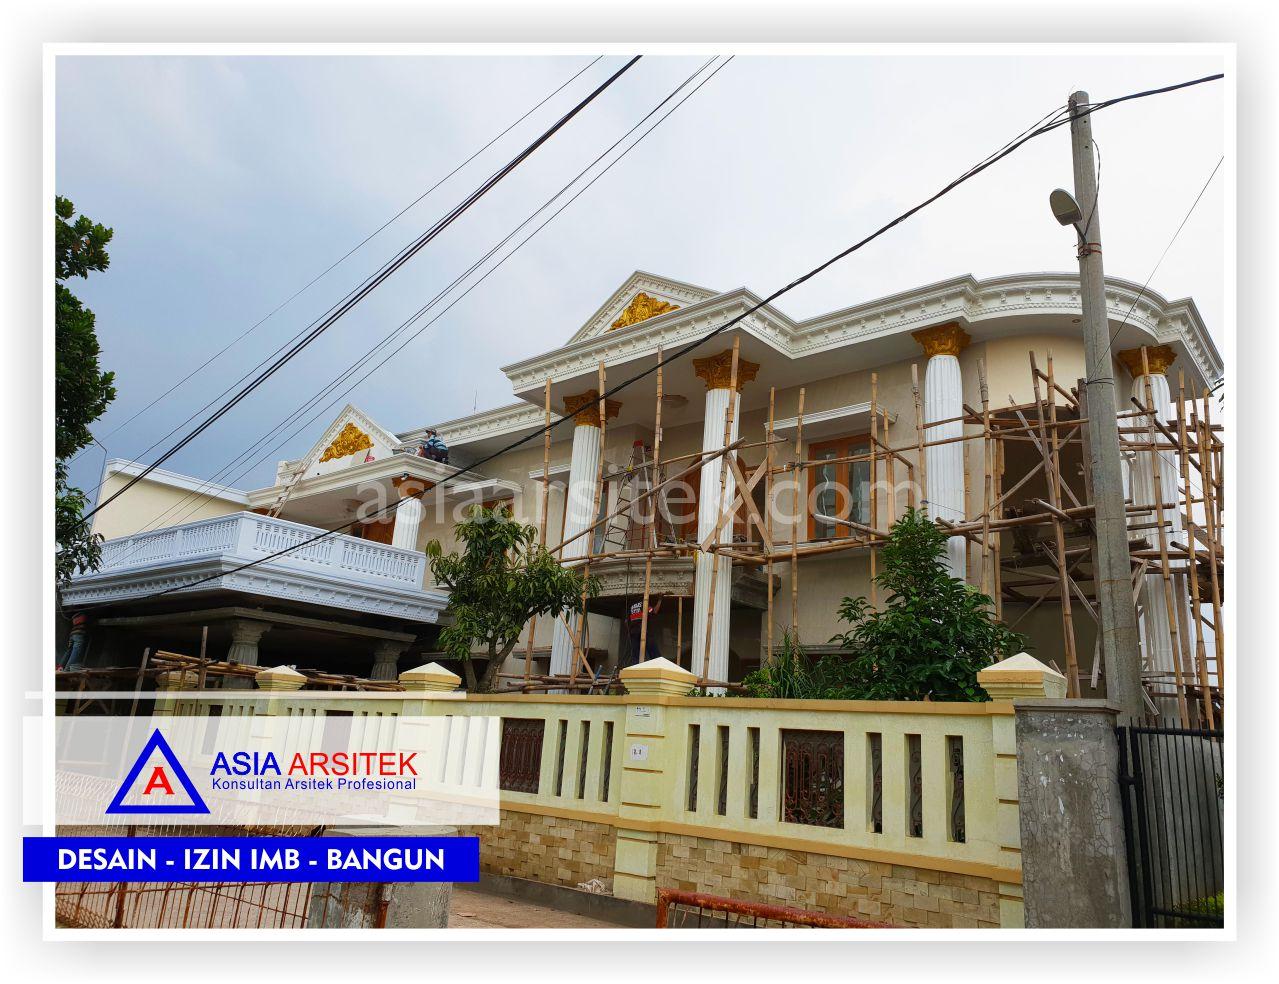 Area Fasad Rumah Klasik Mewah Bu Iis - Arsitek Desain Rumah Minimalis Modern Di Bandung-Tangerang-Bogor-Bekasi-Jakarta-Jasa Konsultan Desain Arsitek Profesional (1)